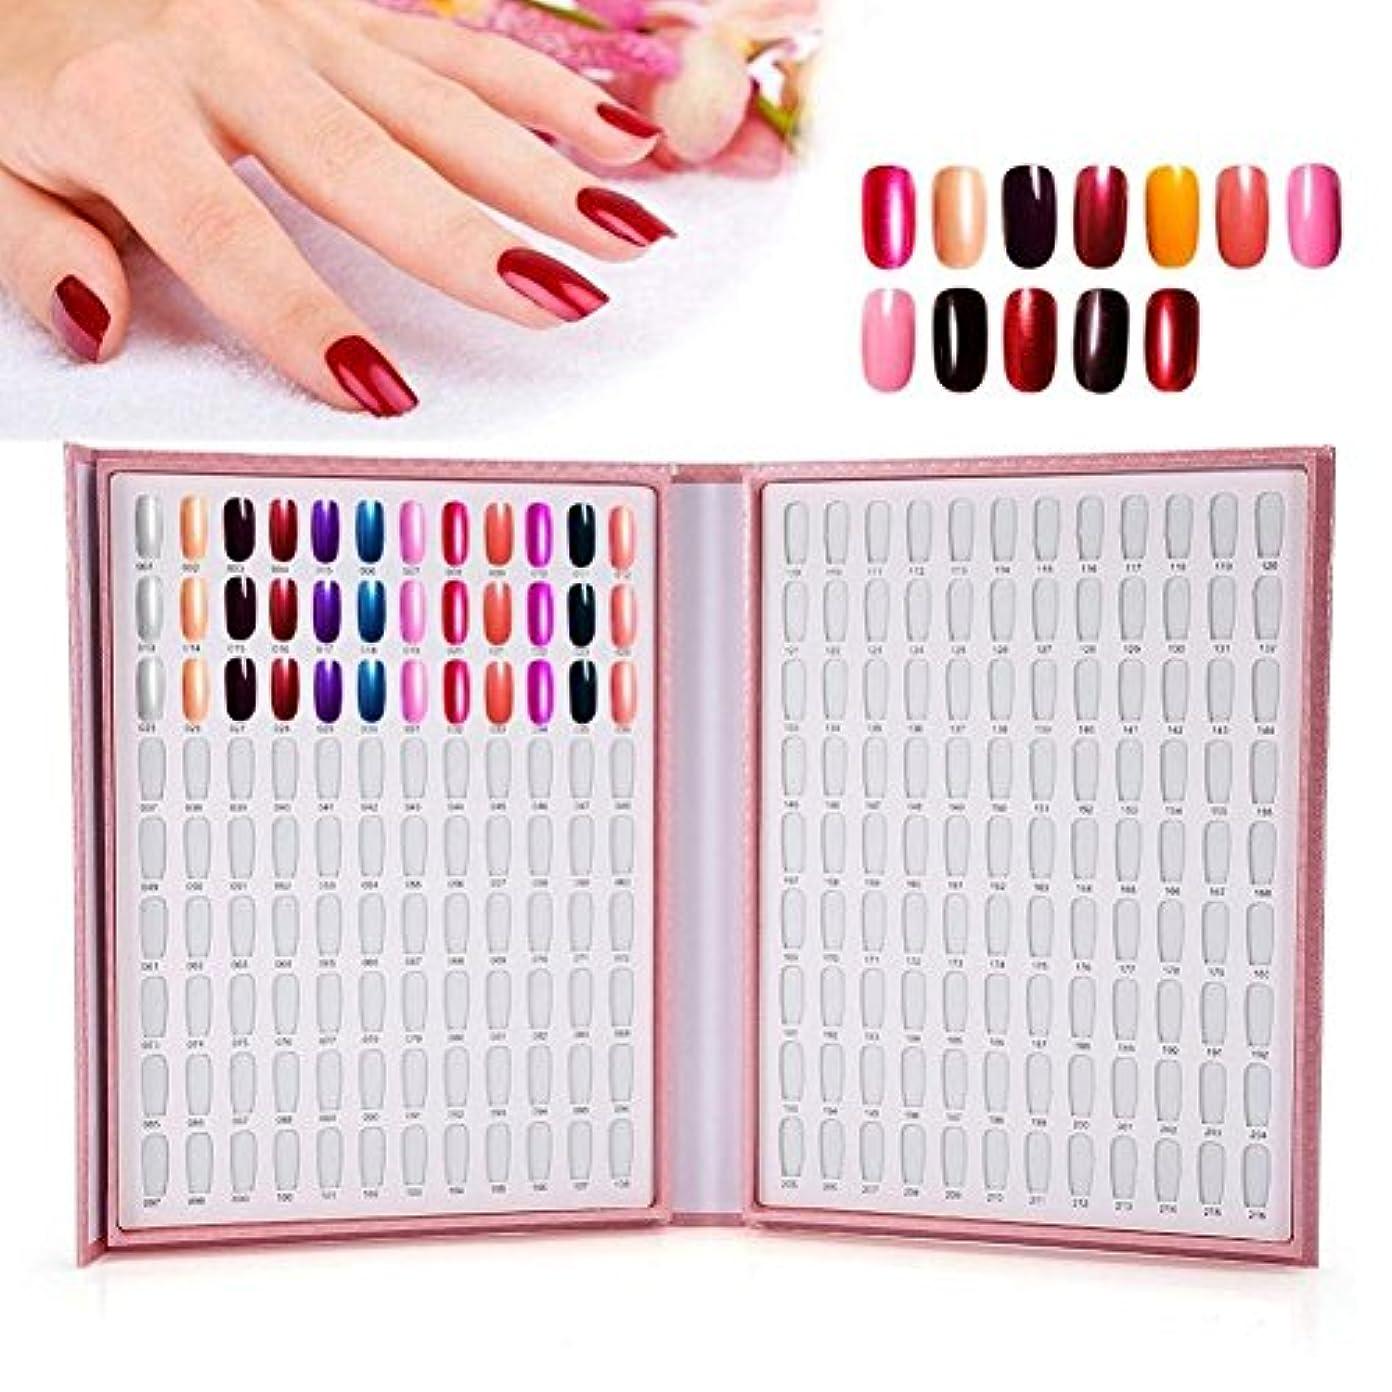 言い訳世界の窓最初カラーチャート ブック - BESTGIFT ジェルネイル、カラーガイド、 ネイル 色見本、ブック型 、サンプル帳、216色 (ピンク)